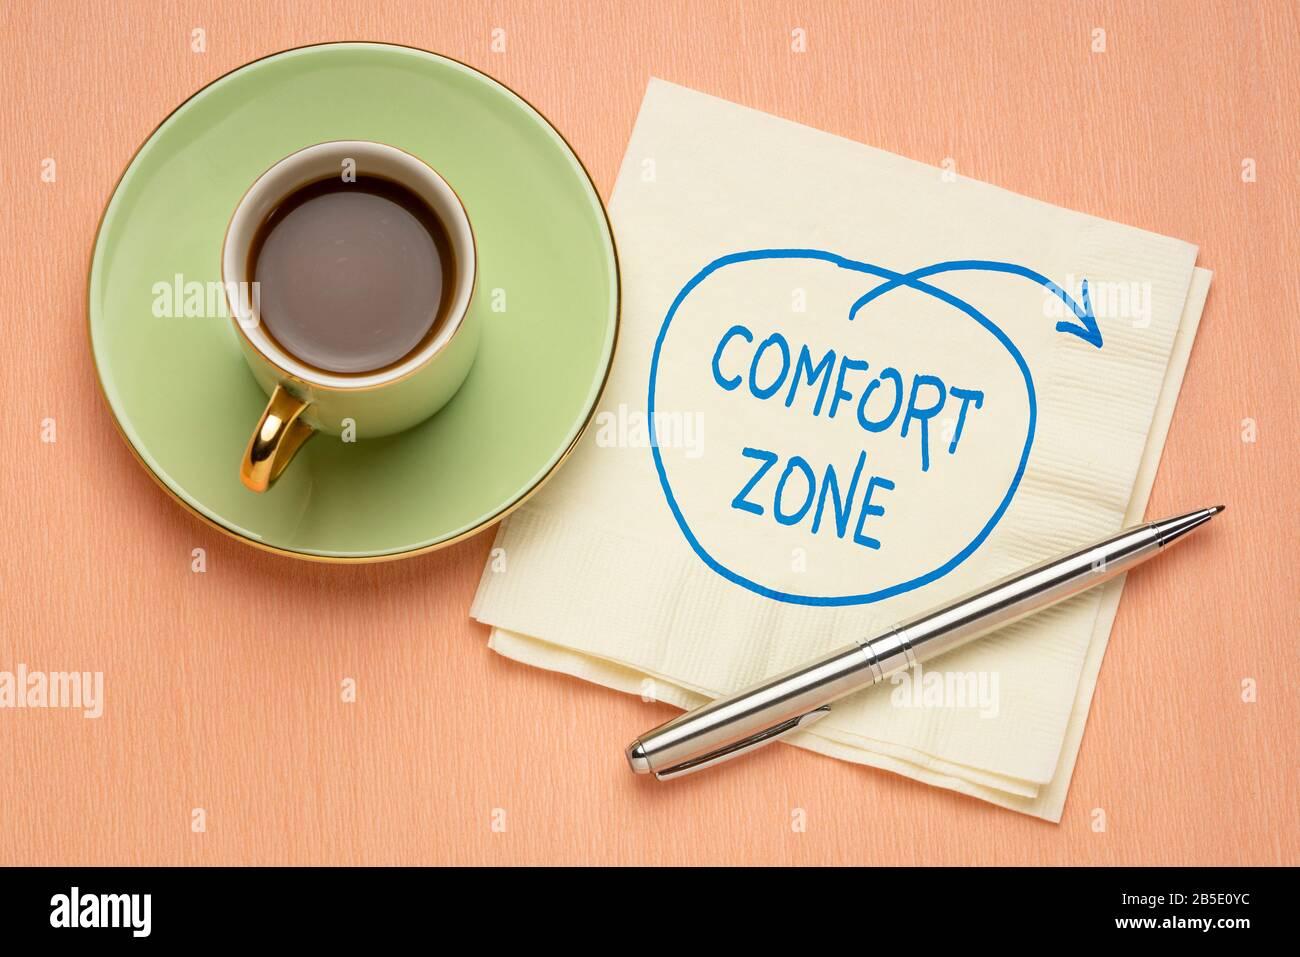 salga del concepto de zona de confort - doodle motivacional en una servilleta con una taza de café, desafío, motivación y desarrollo personal Foto de stock